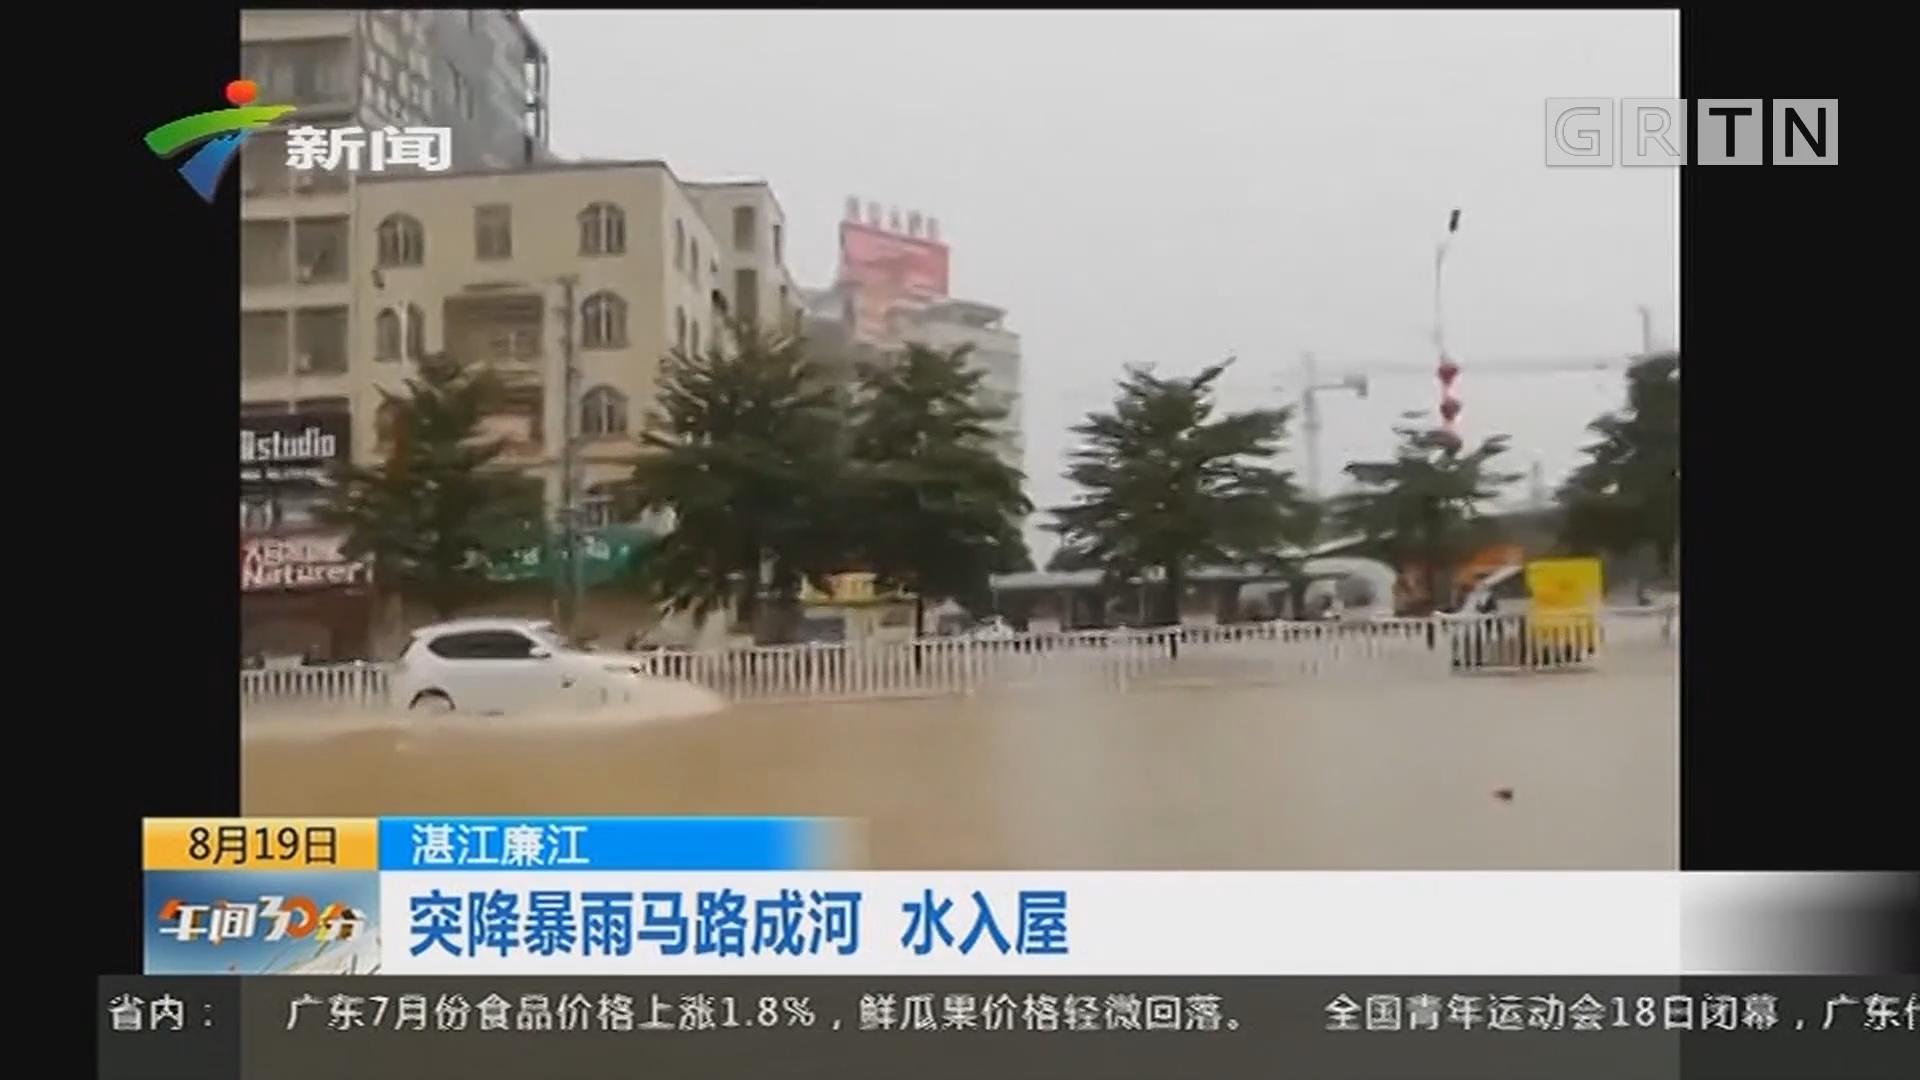 湛江廉江:突降暴雨马路成河 水入屋